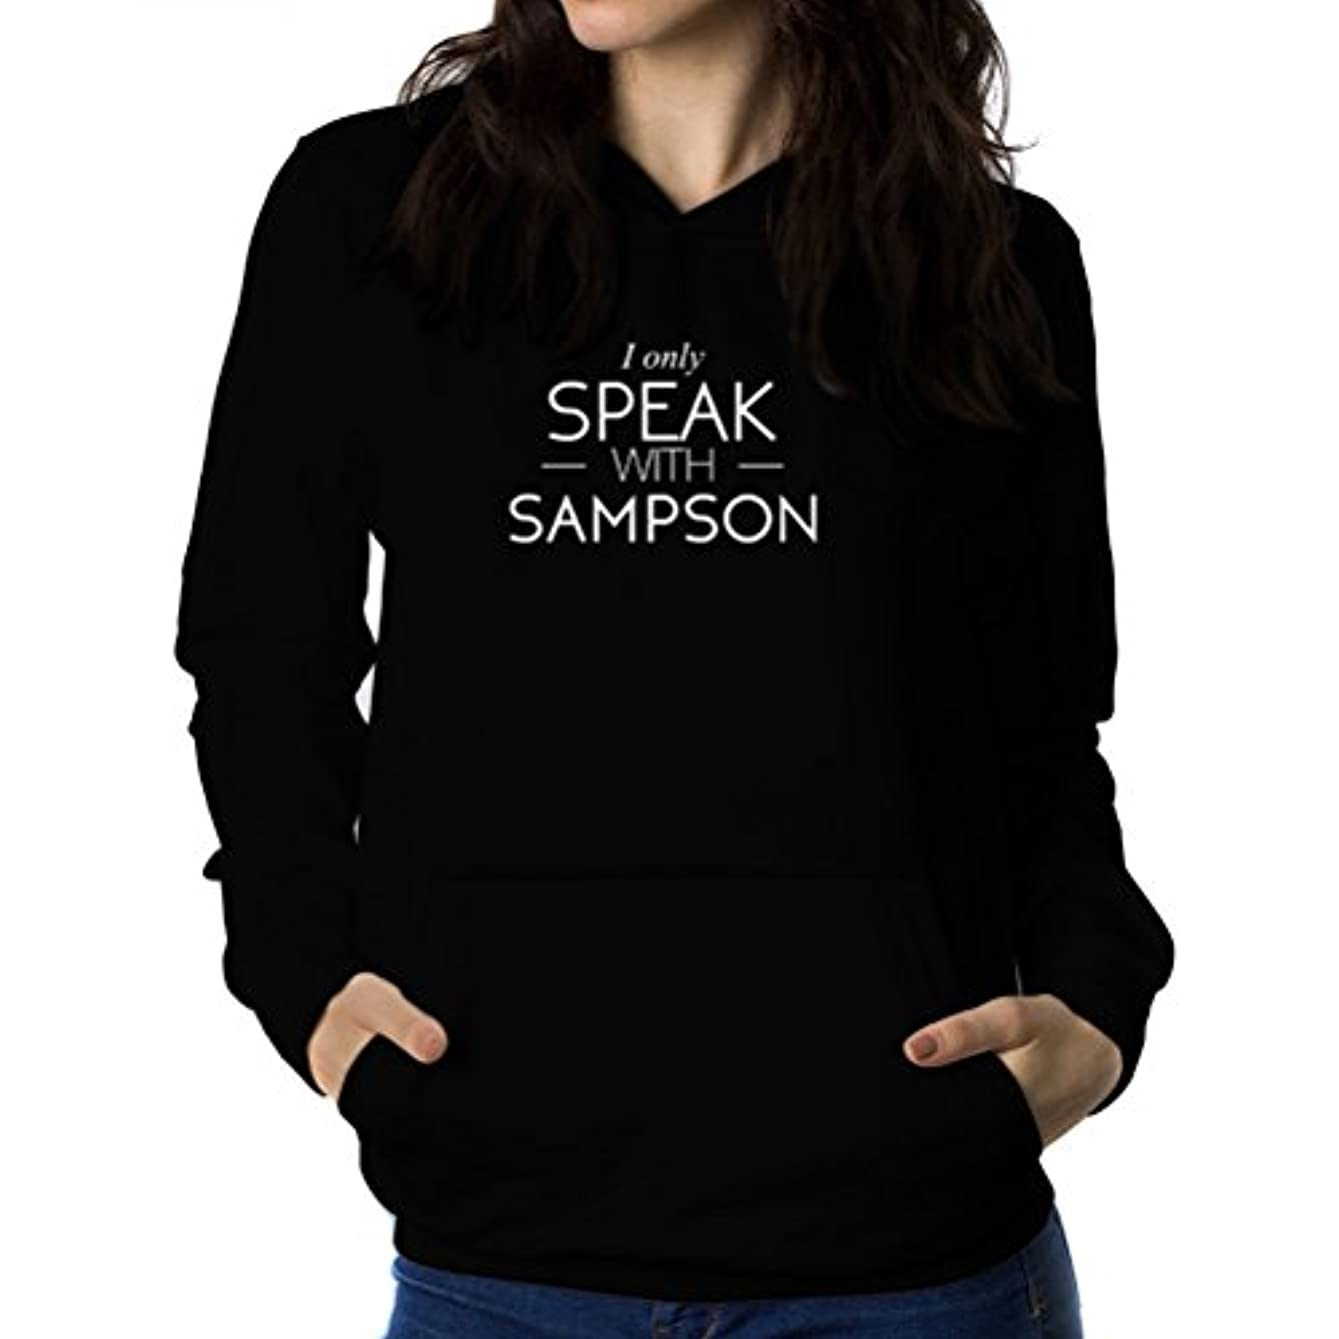 ラダ少ない頻繁にI only speak with Sampson 女性 フーディー